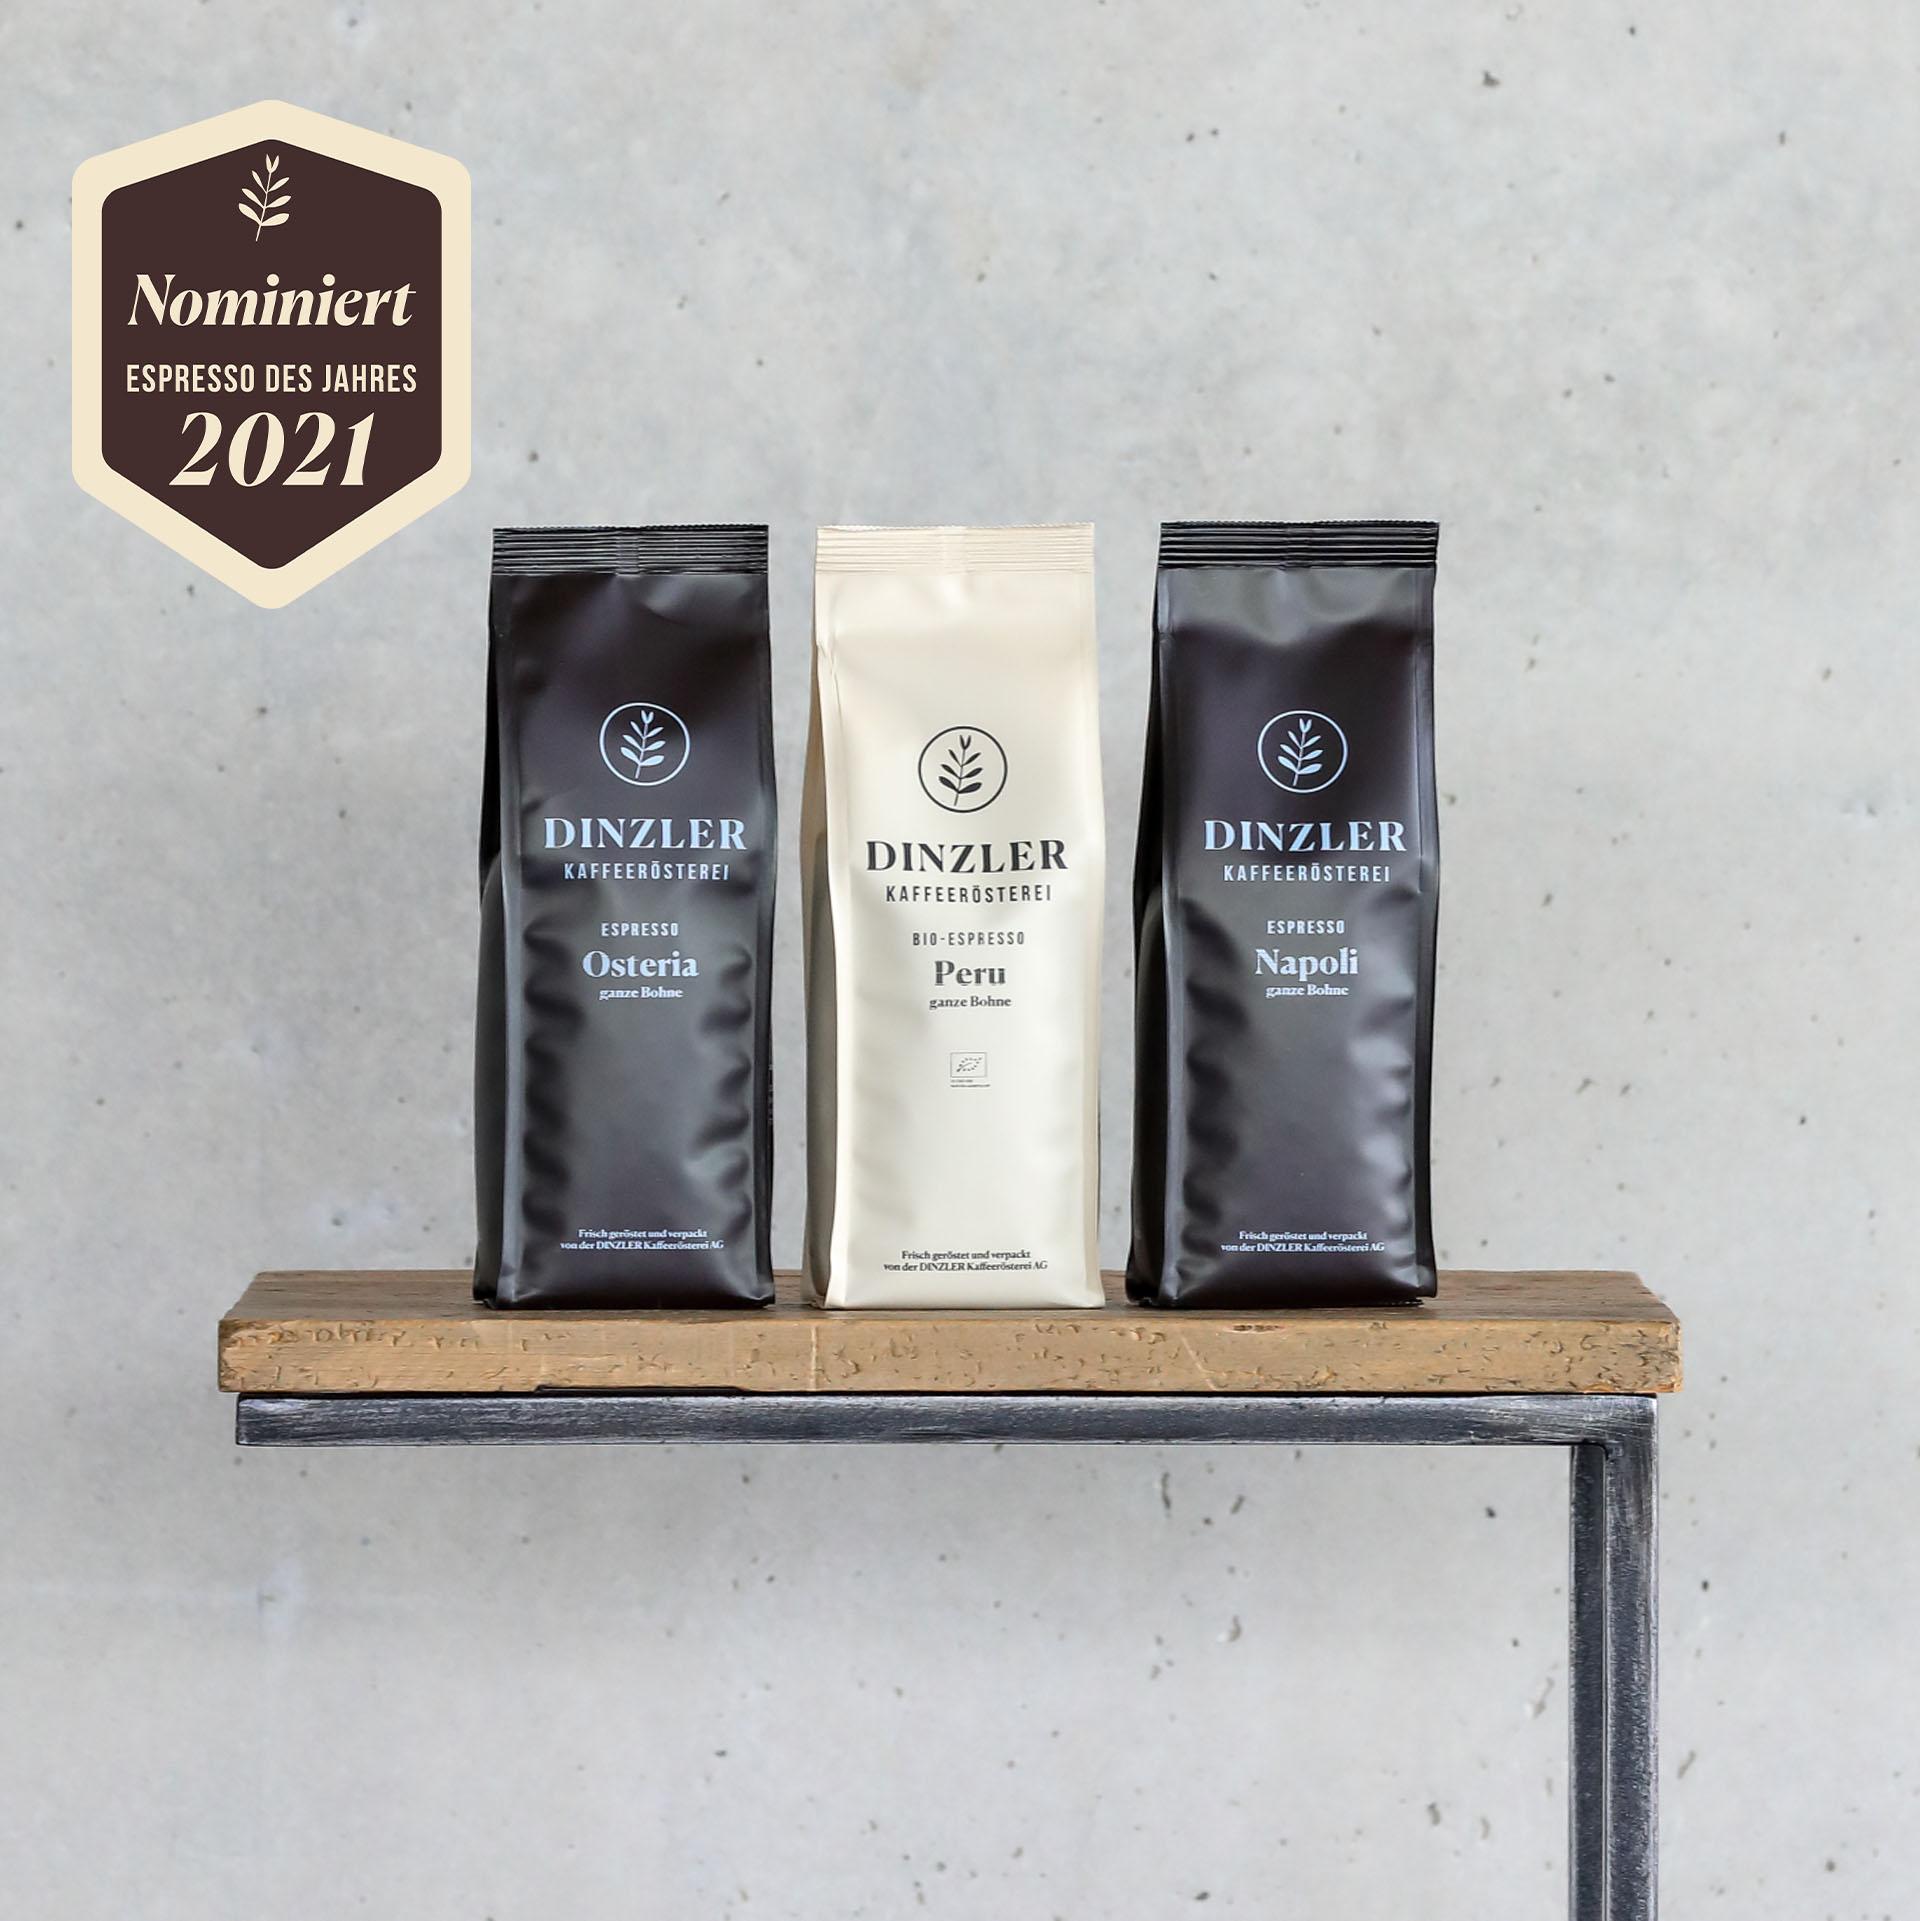 Produktbild Testpaket: DINZLER Espresso des Jahres 2021  DINZLER Kaffeerösterei